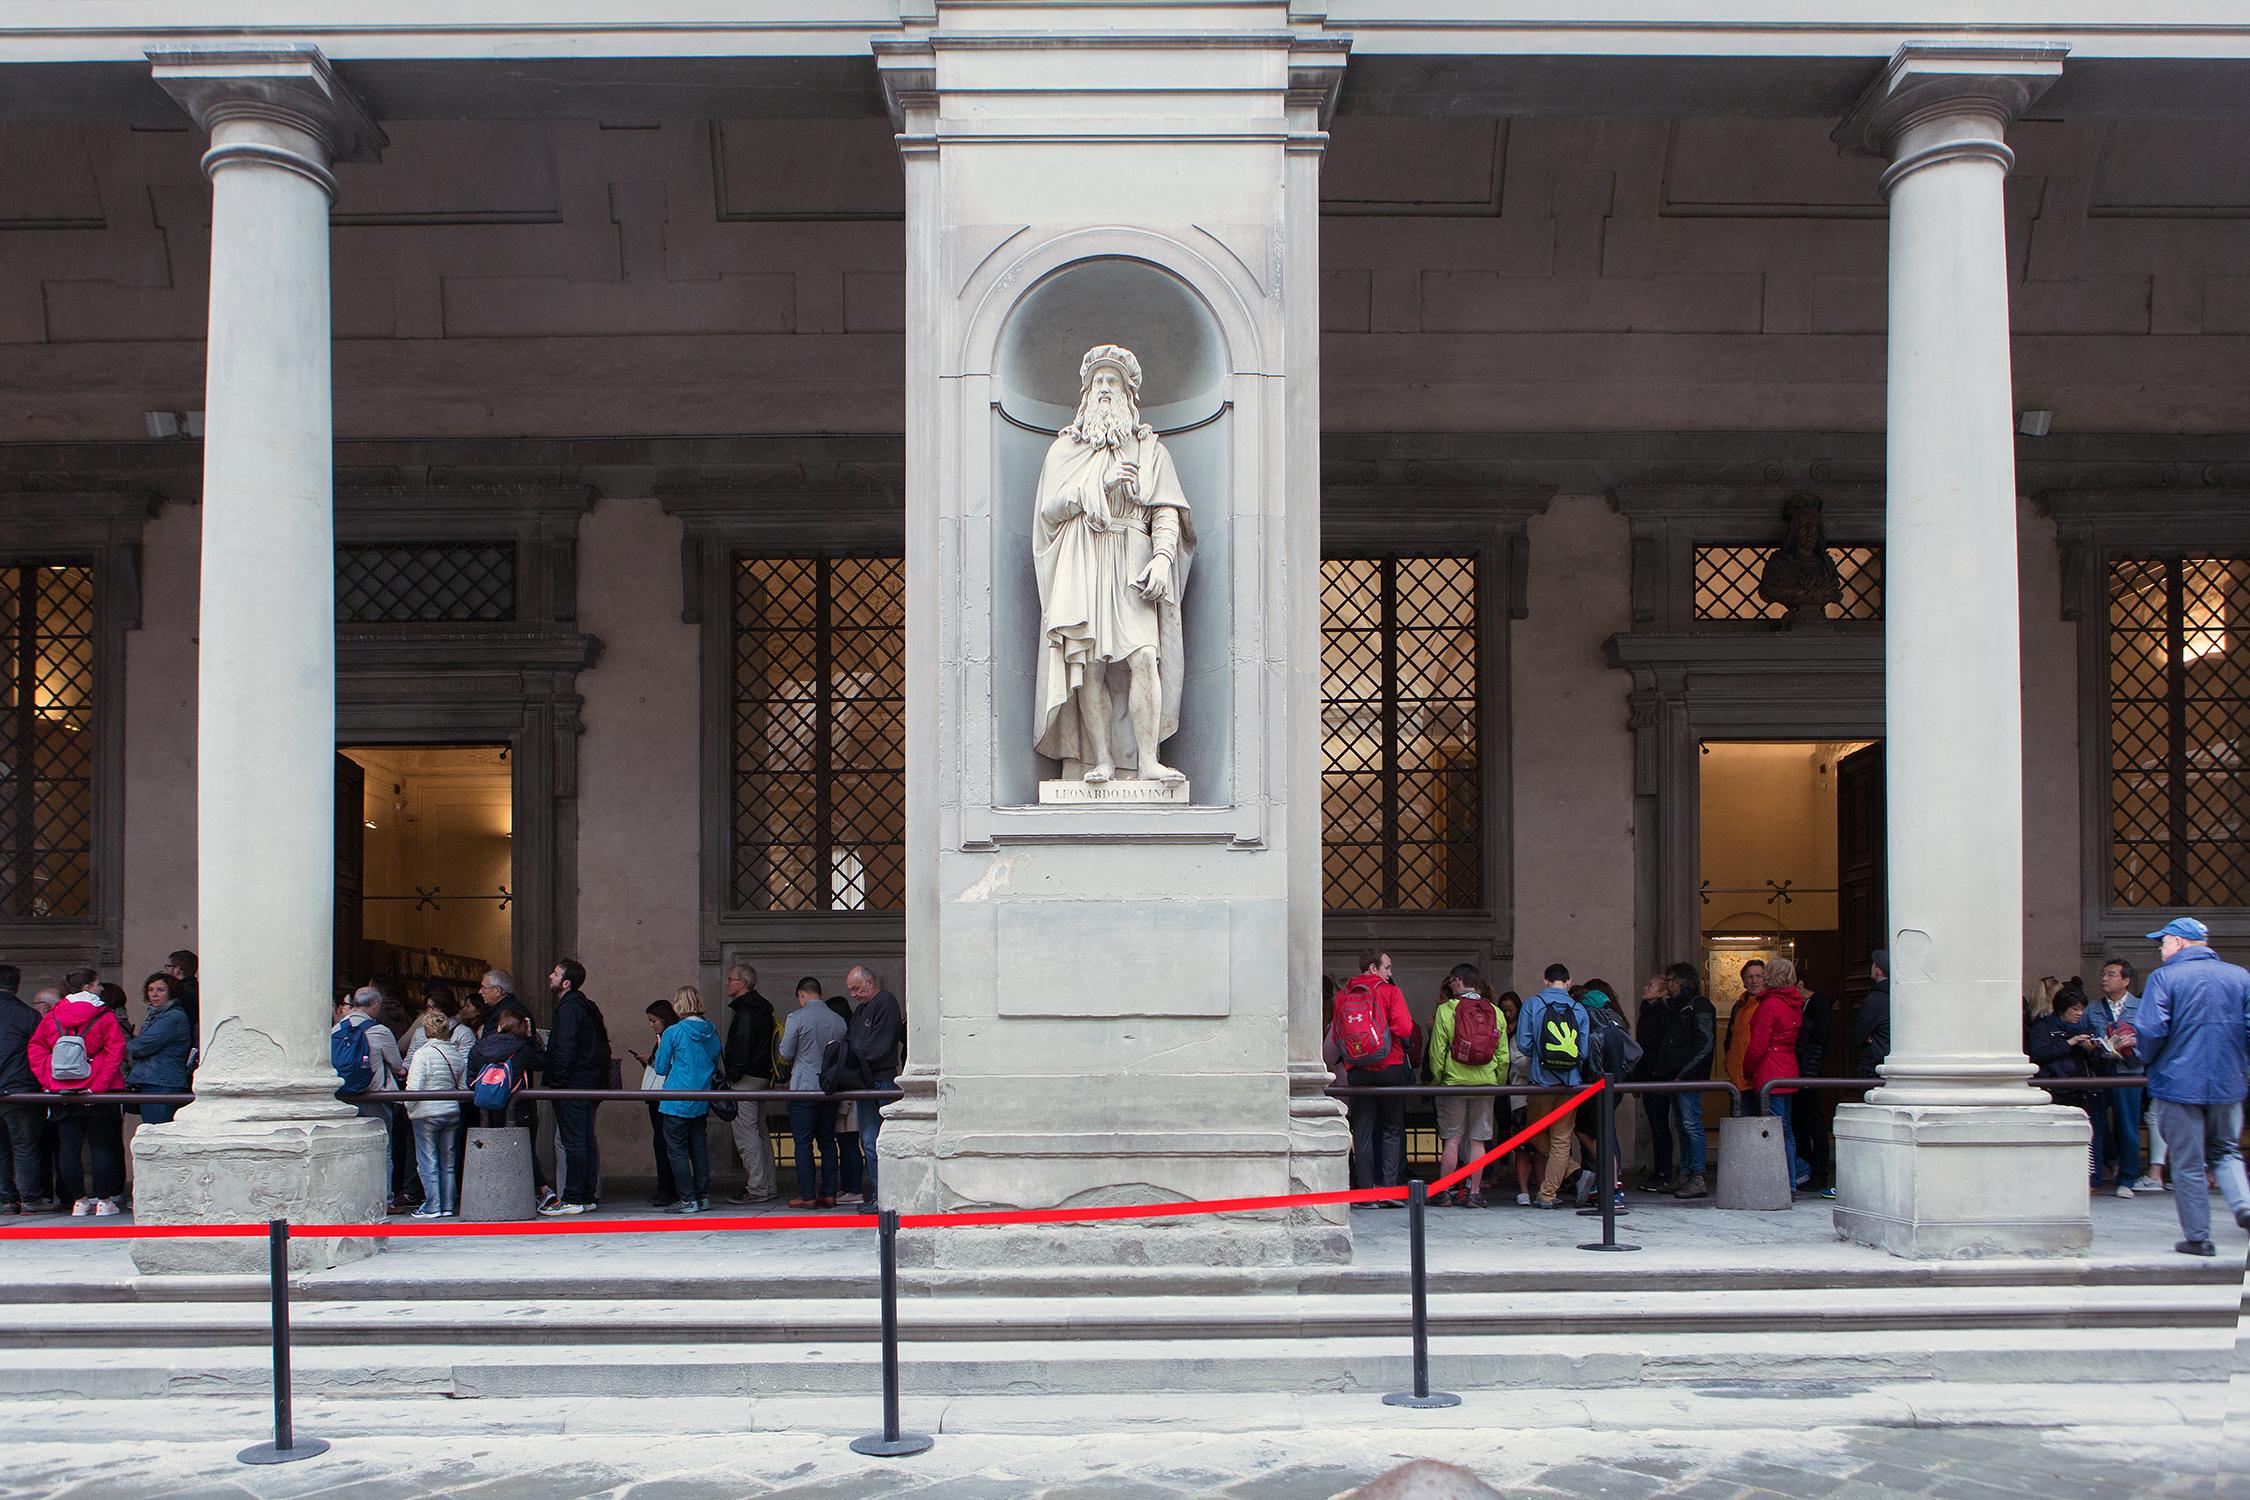 Una scultura di Luigi Pampaloni ritrae Leonardo da Vinci.